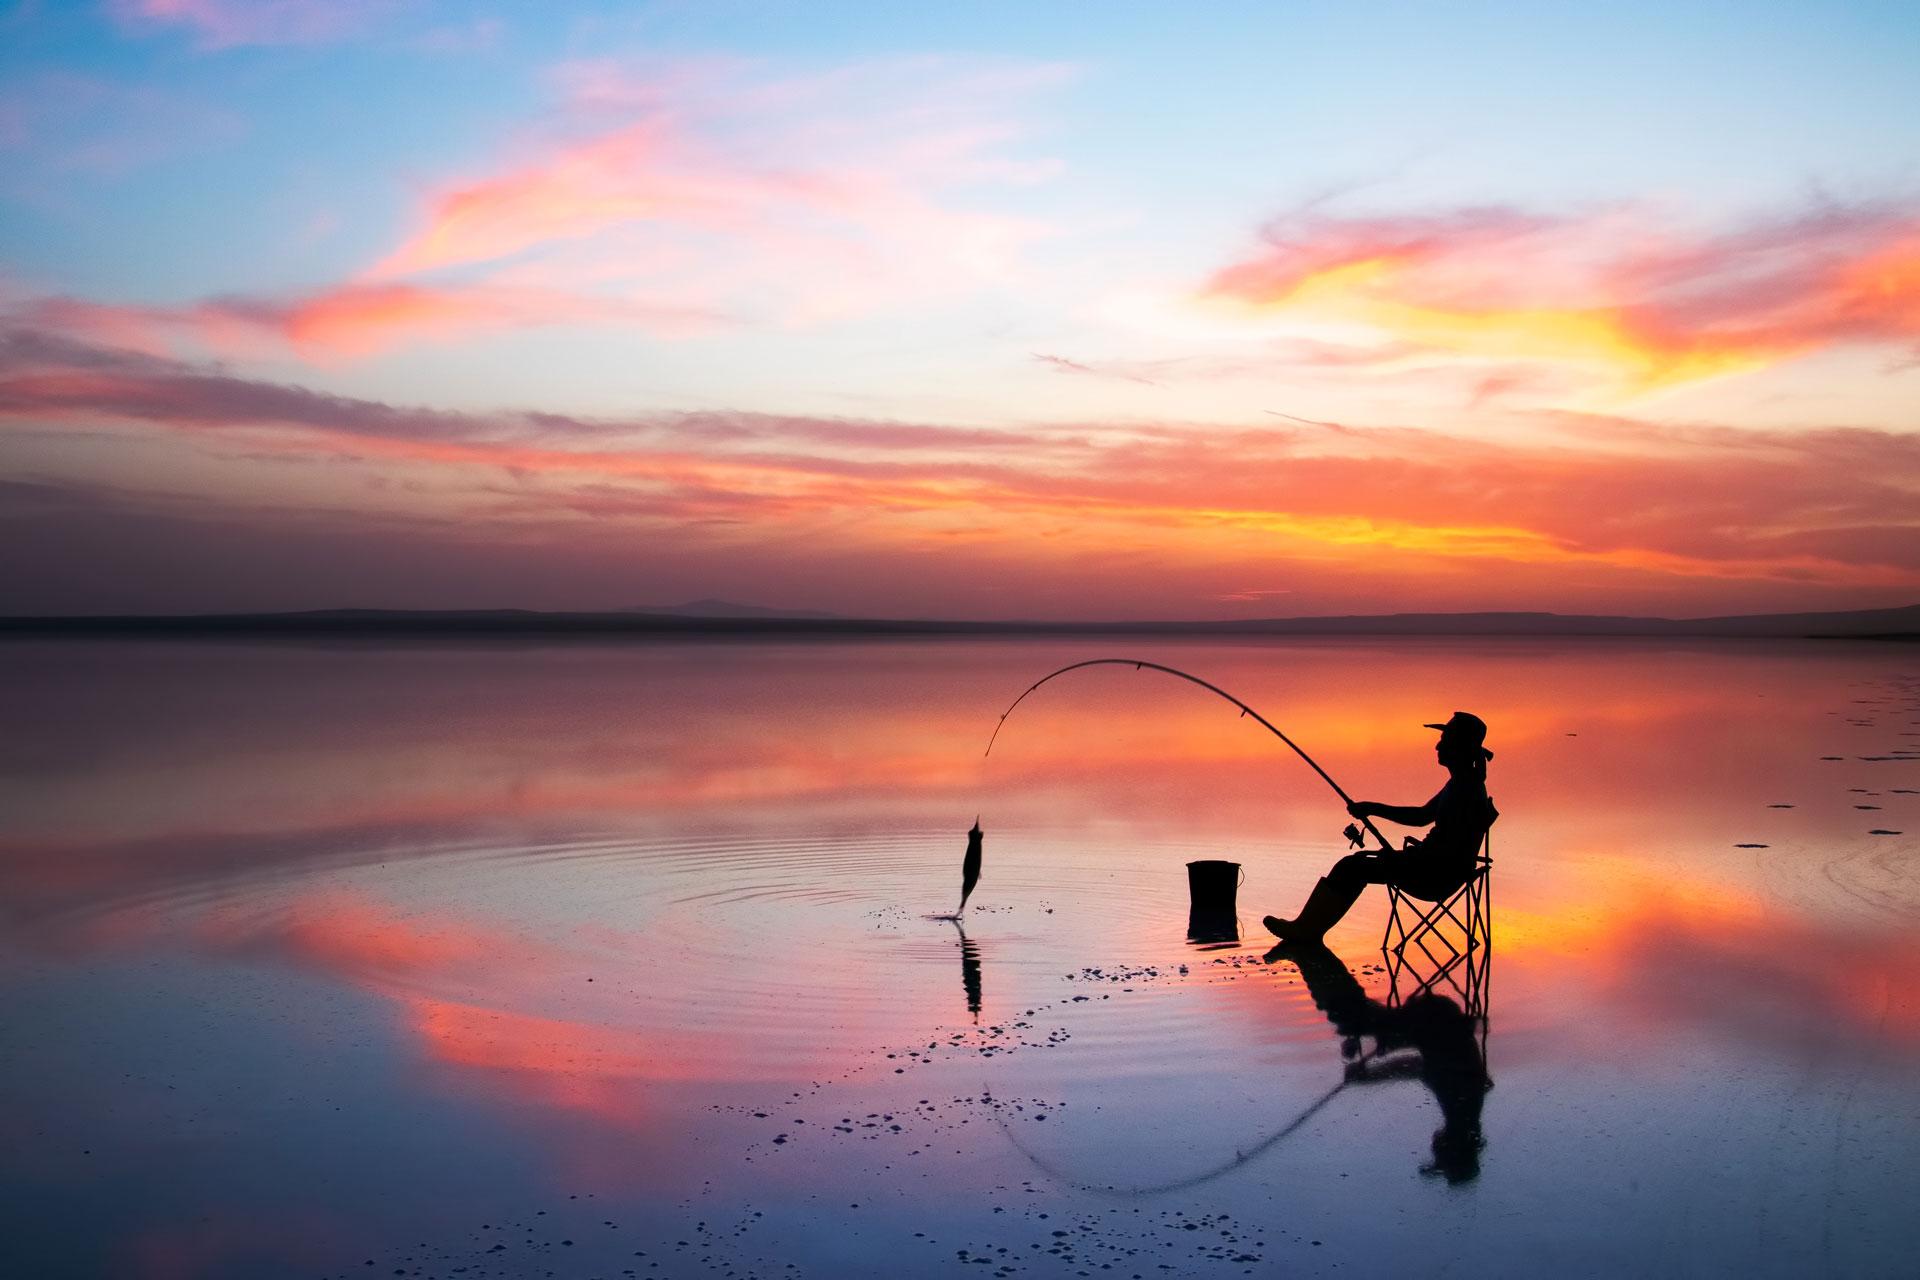 Tuz Gölü Fotoğrafları Tuz gölü resimleri Sunset Gün batımı balık tutan adam Çekergezer Hakan Aydın Fotoğrafları Tuz Gölü